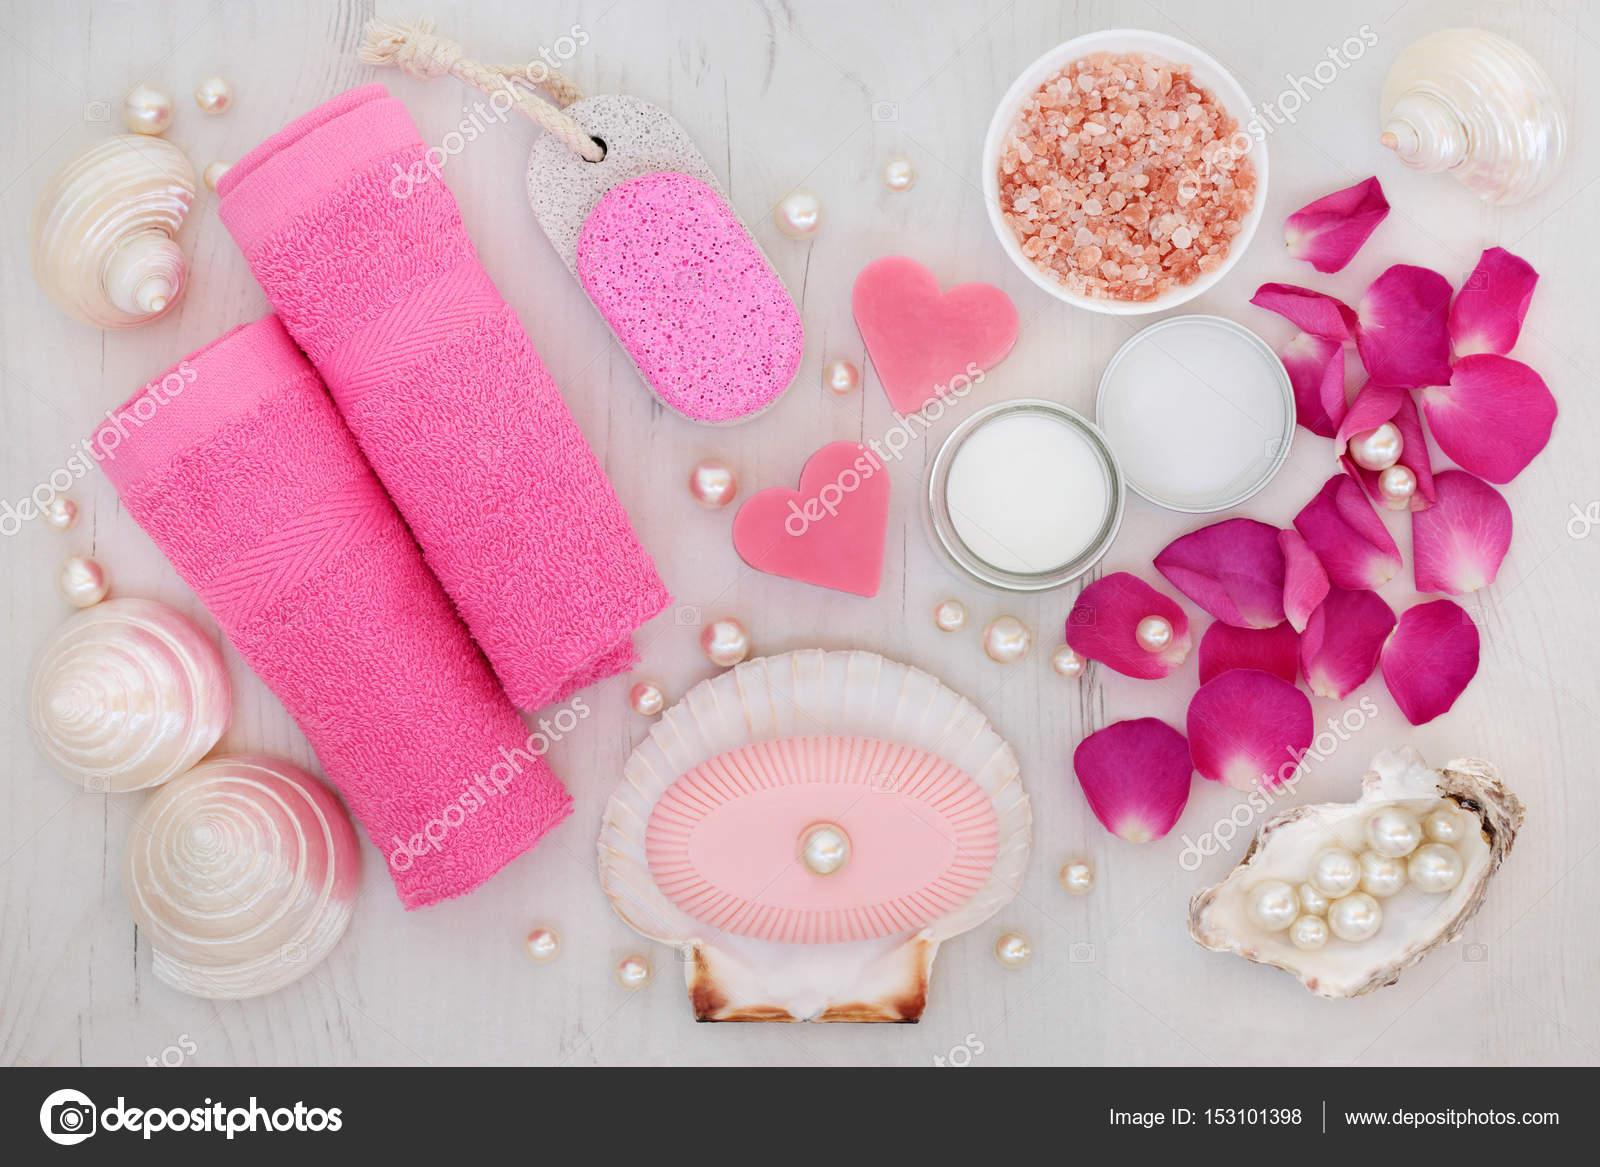 Badkamer en wellness beauty behandeling accessoires u stockfoto